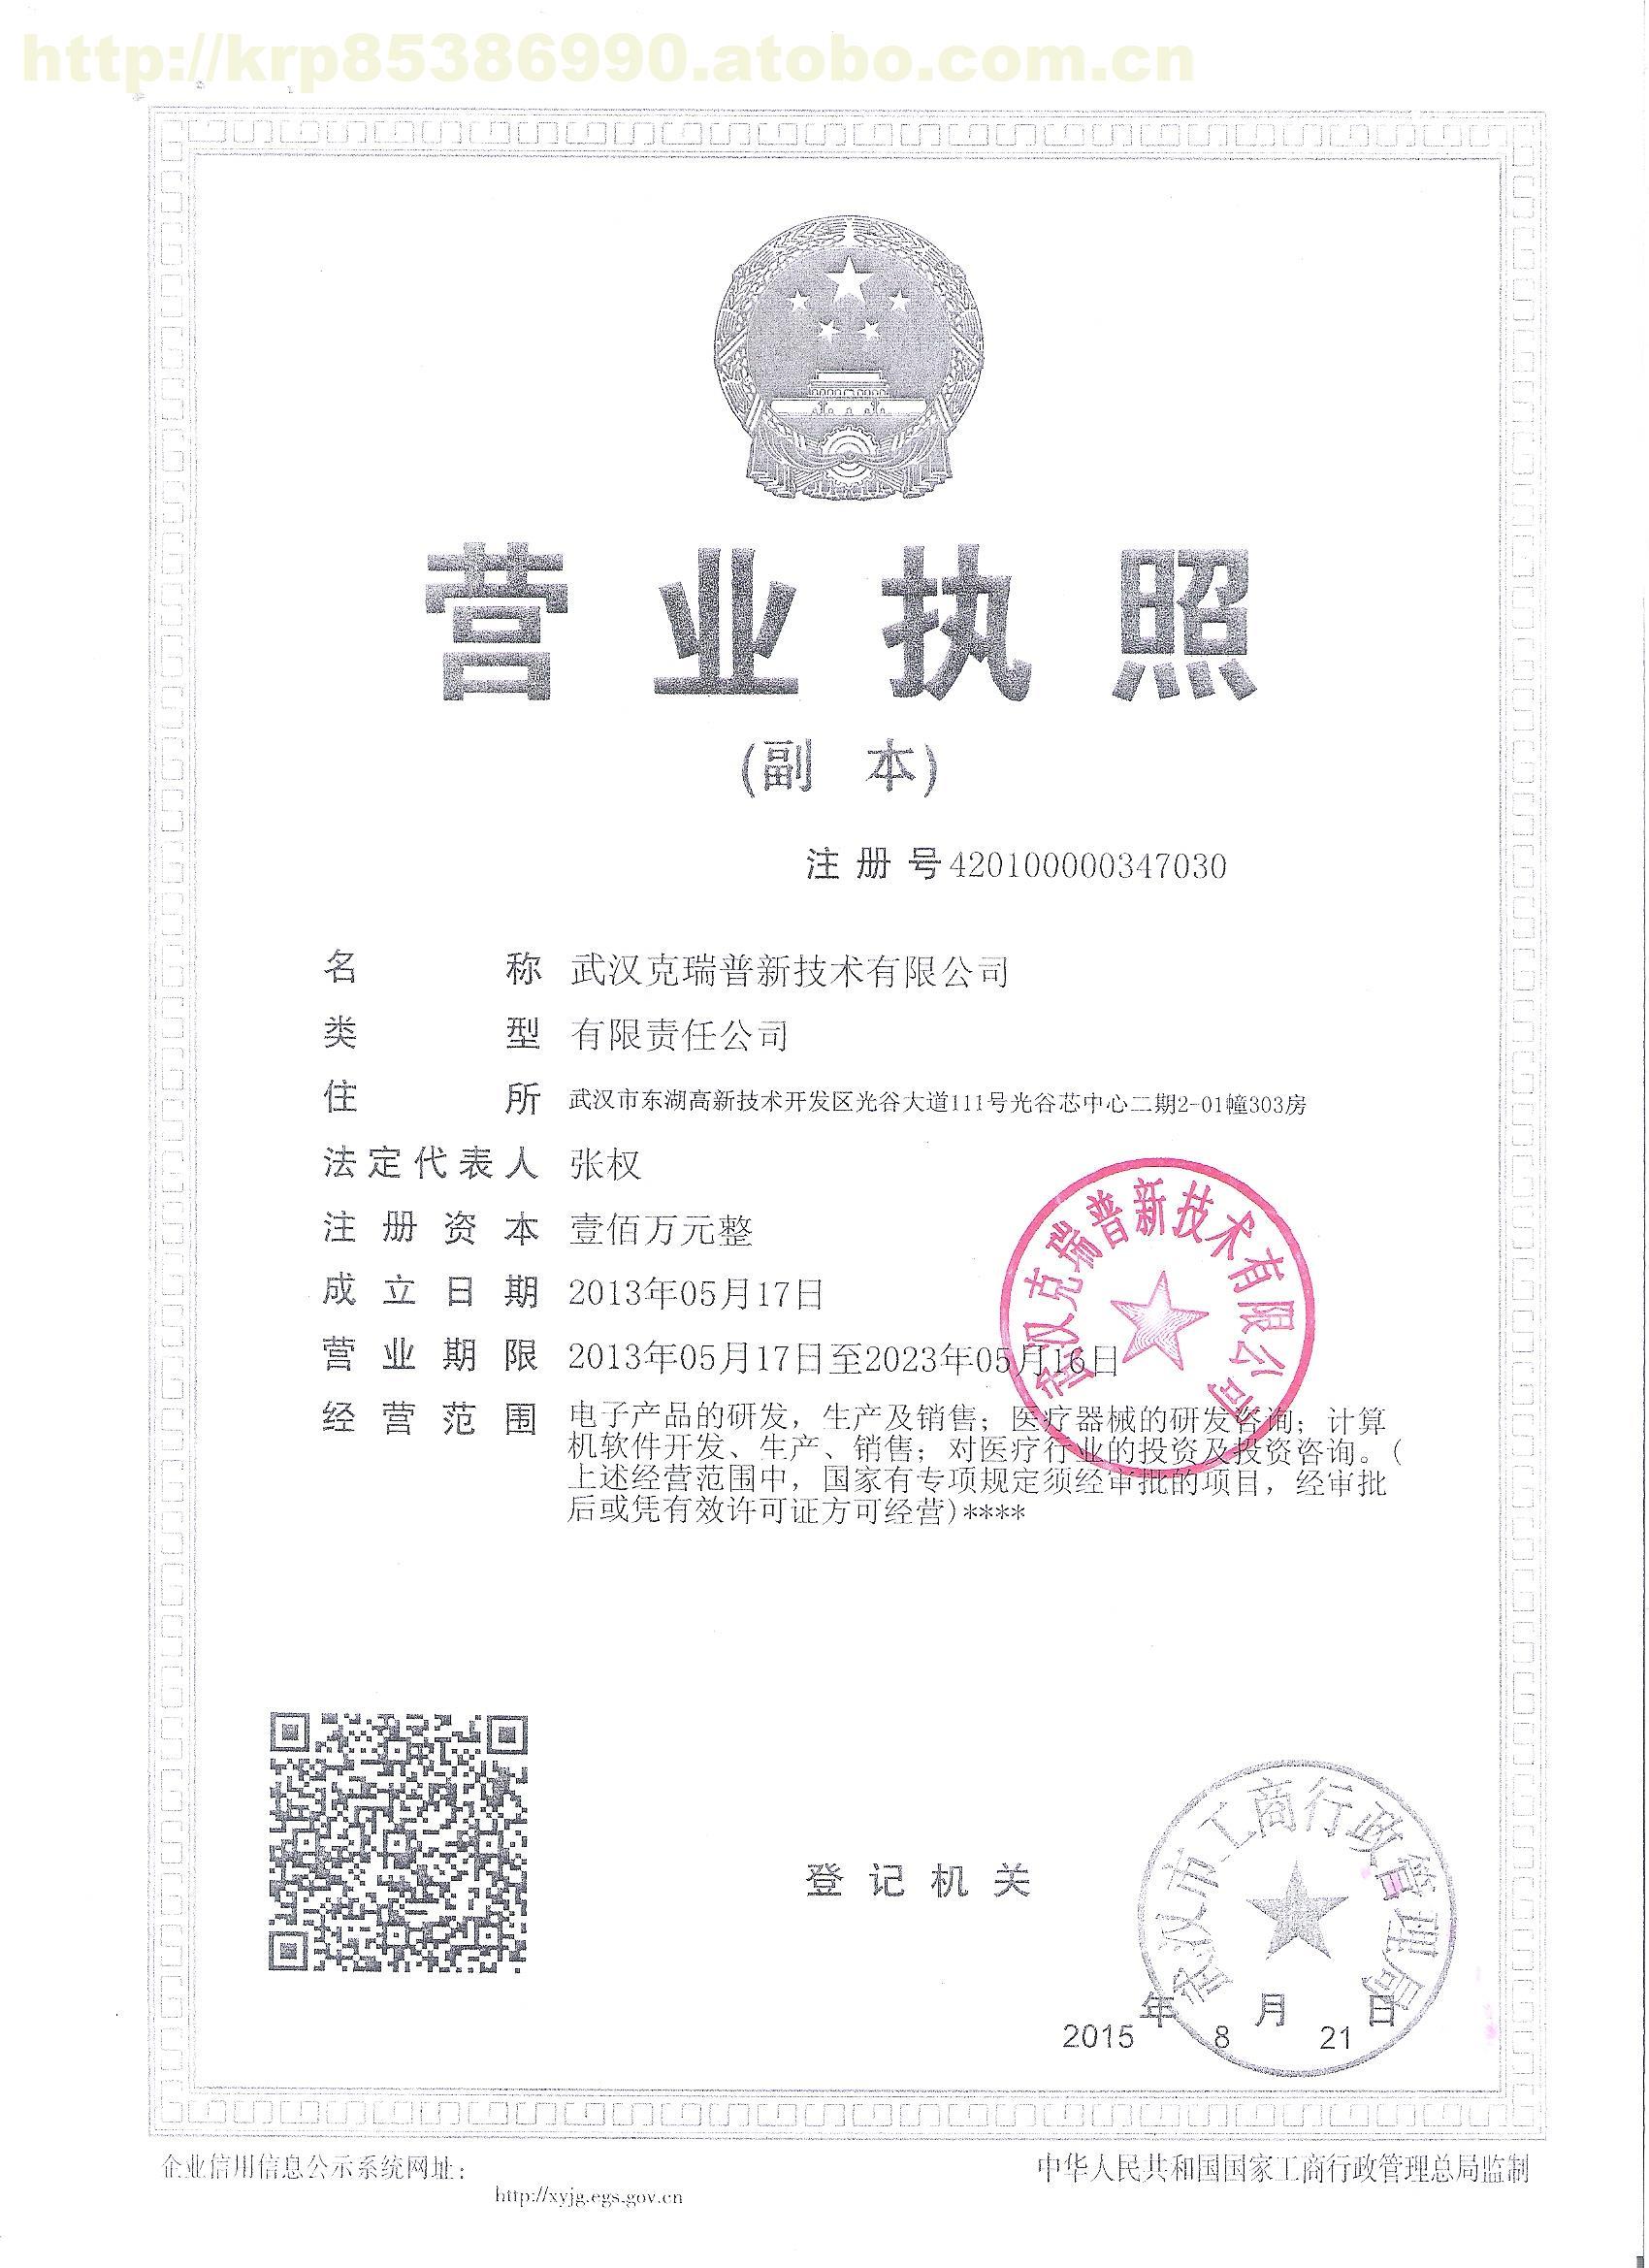 武汉工商网企业�z*_武汉市工商行政管理局 有效期: 2013年5月17日 至 2023年5月16日 公司